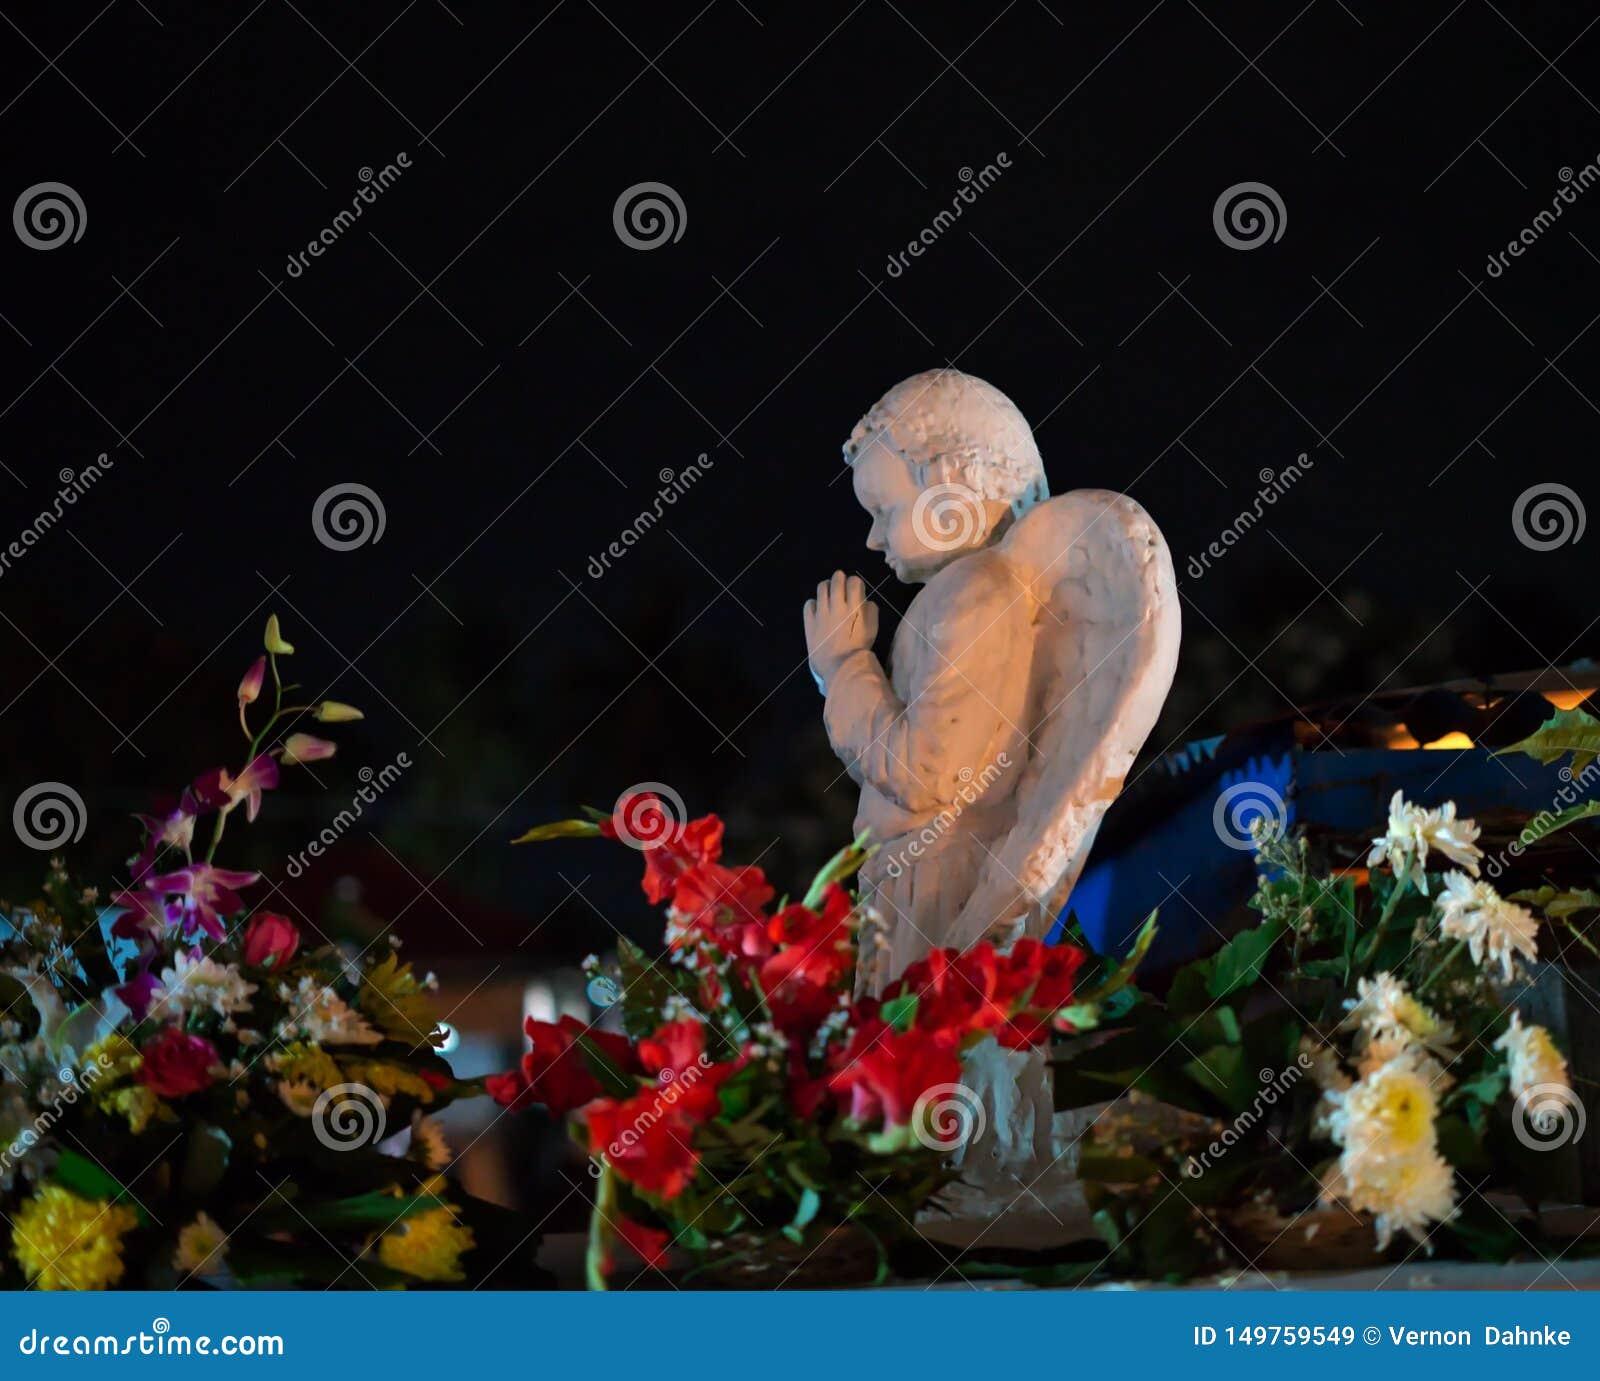 Ζωηρόχρωμος άγγελος νυχτερινής σκηνής που προσεύχεται επάνω σε έναν τάφο